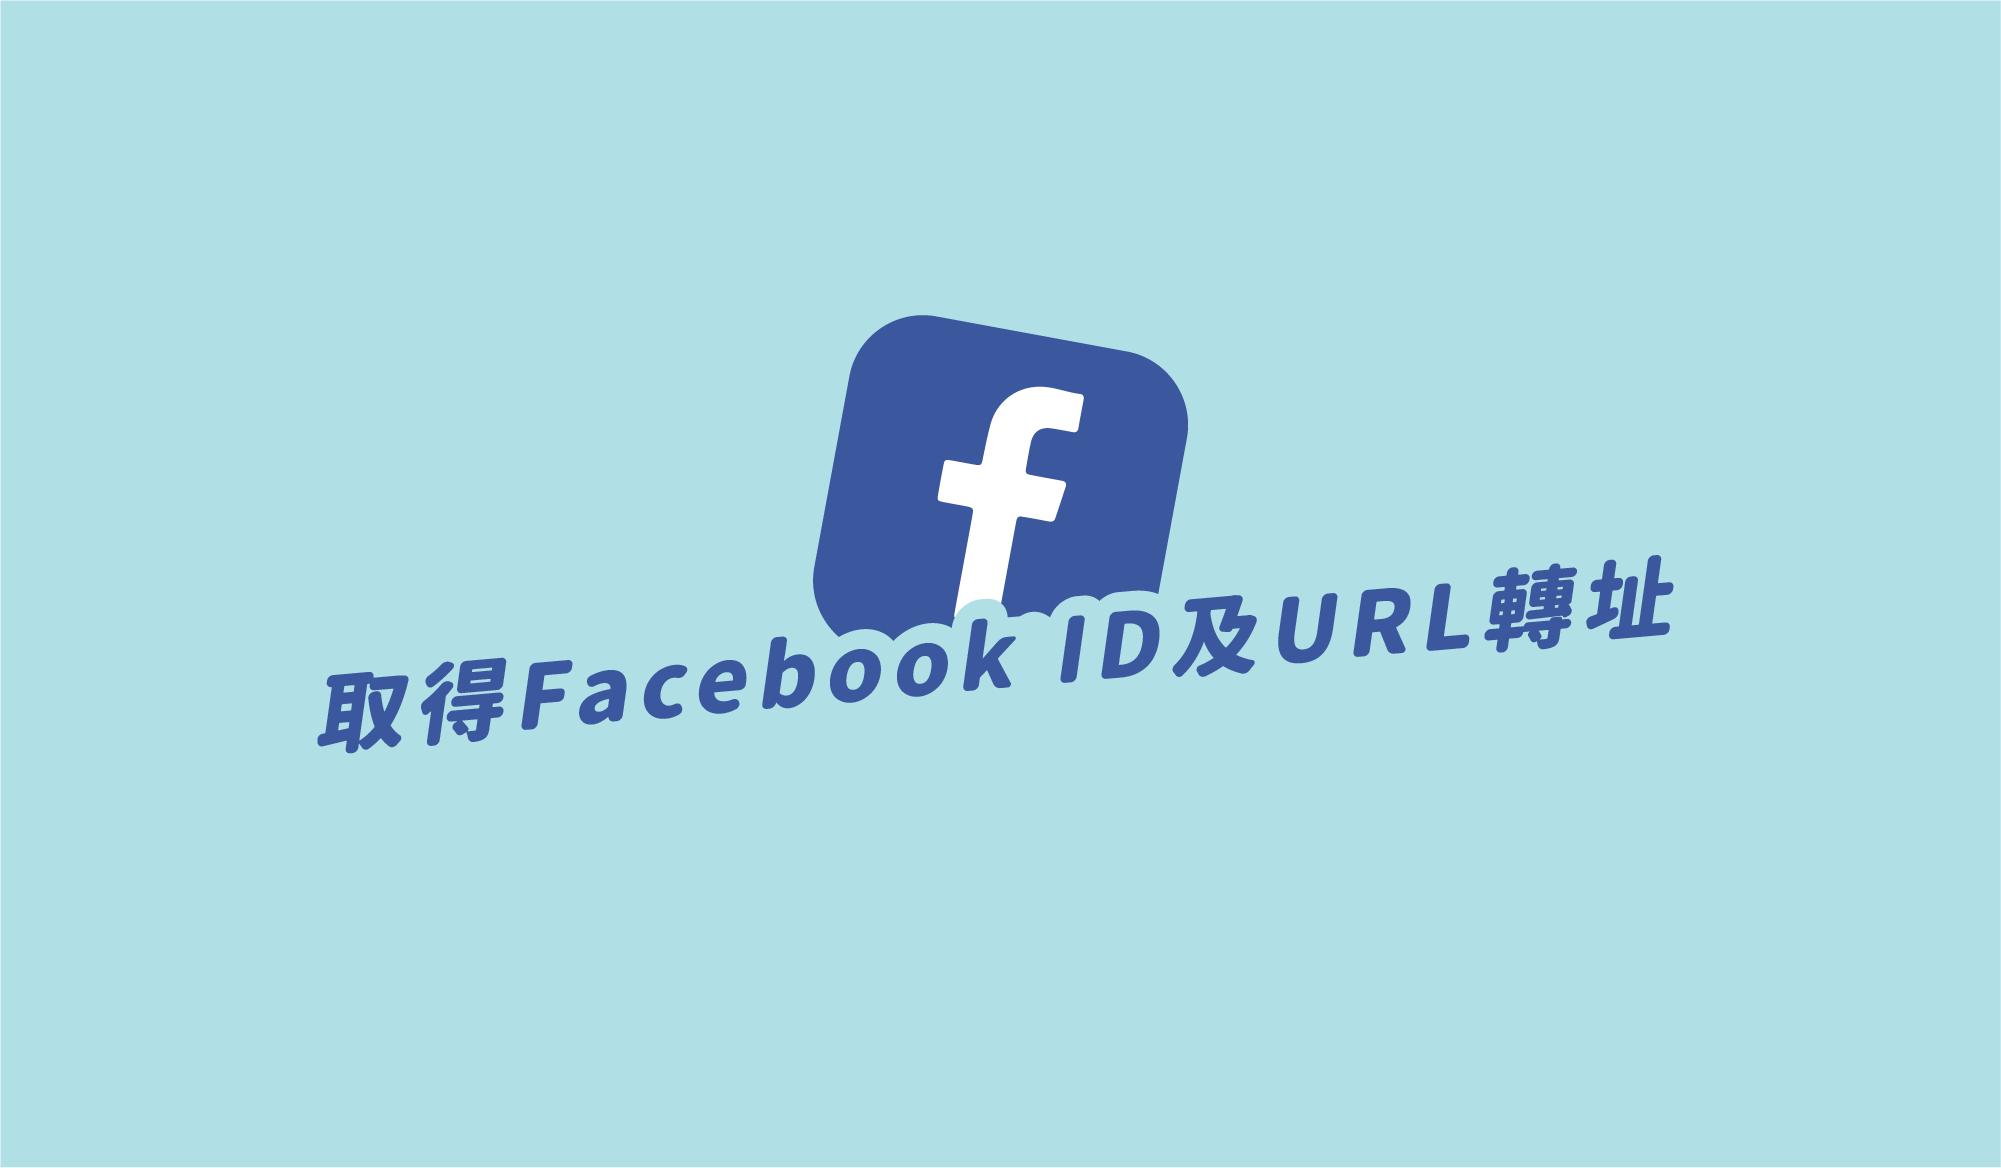 如何取得Facebook ID及URL轉址